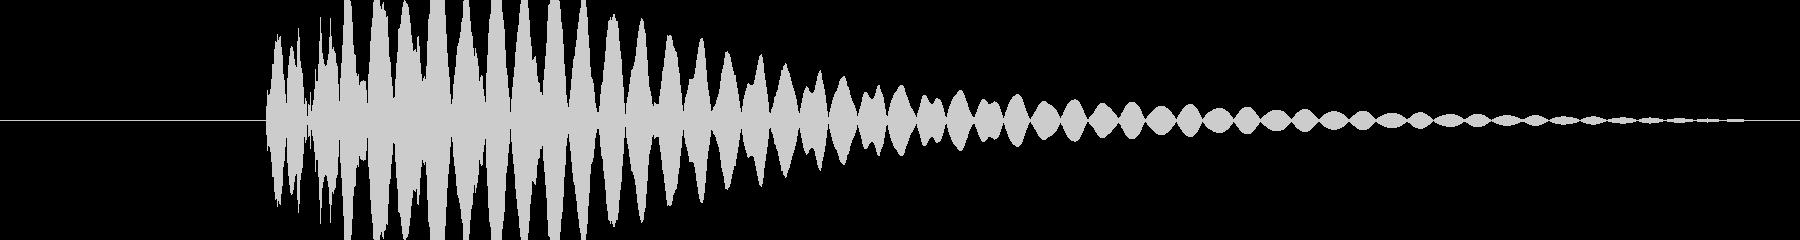 あまり残念感のないキャンセル音、メニュ…の未再生の波形